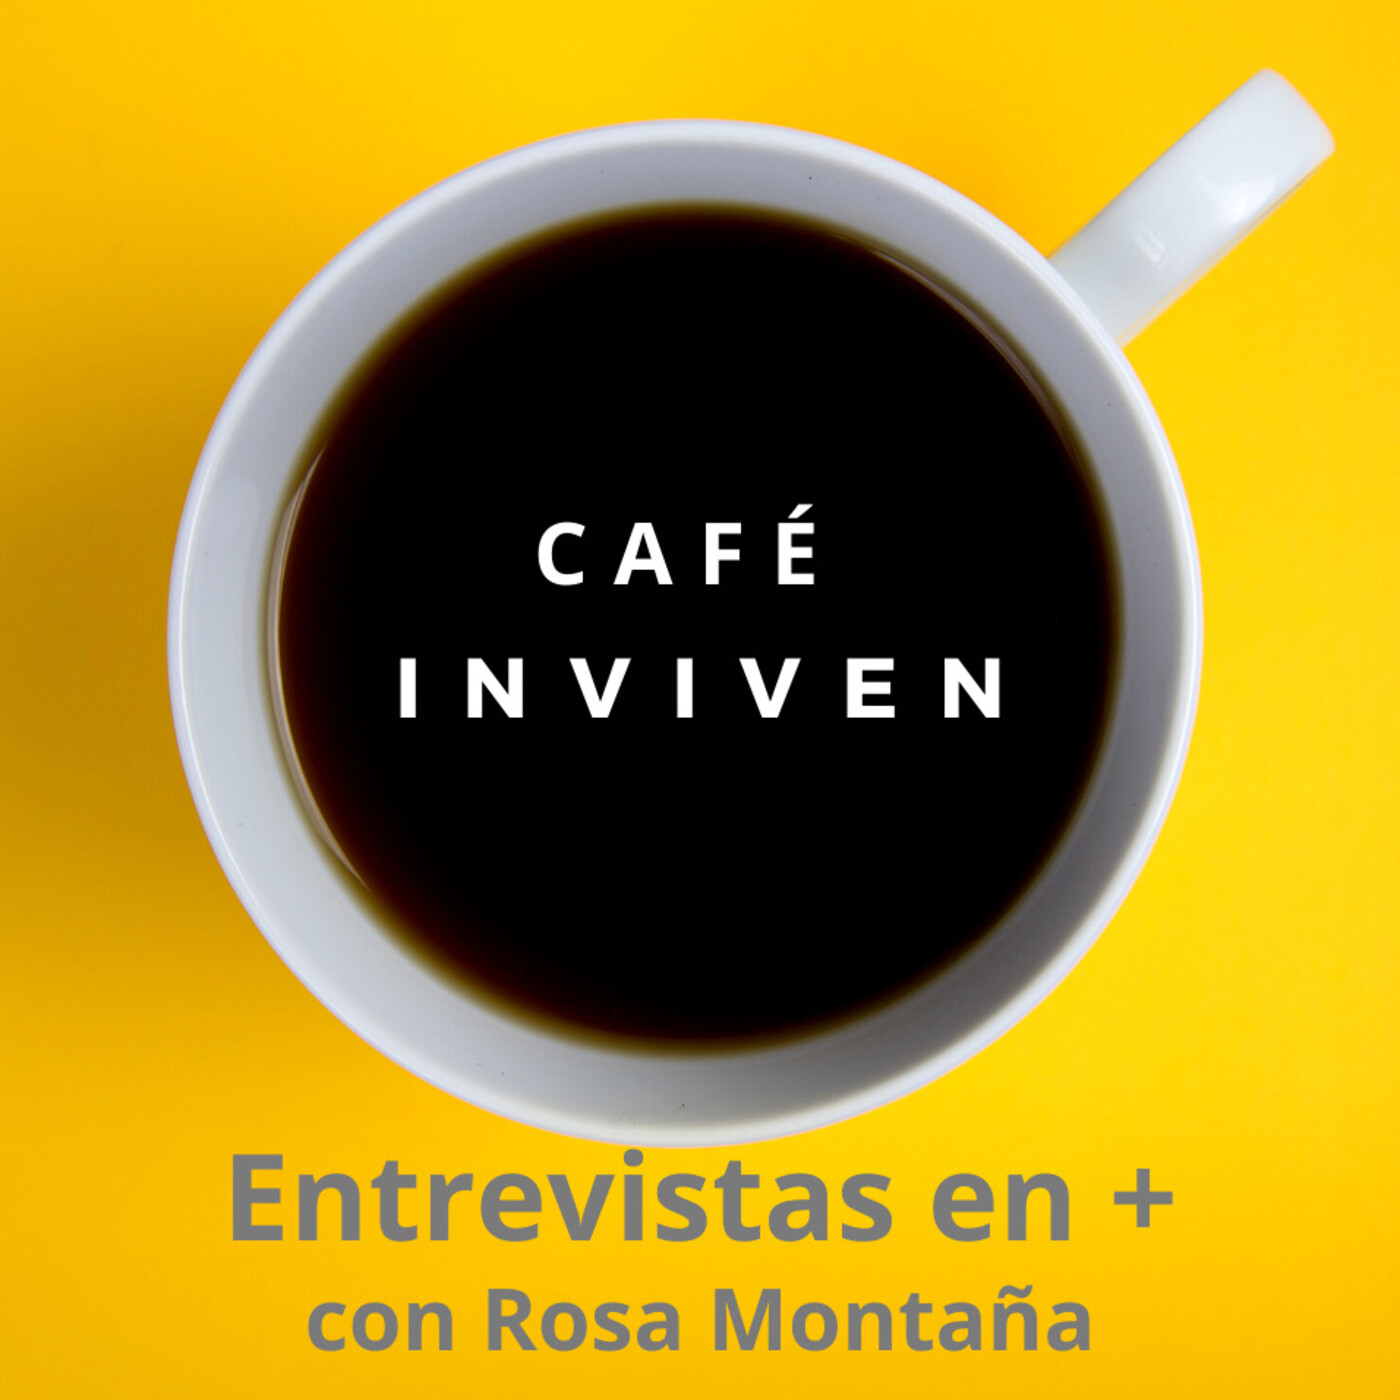 Cafe Inviven